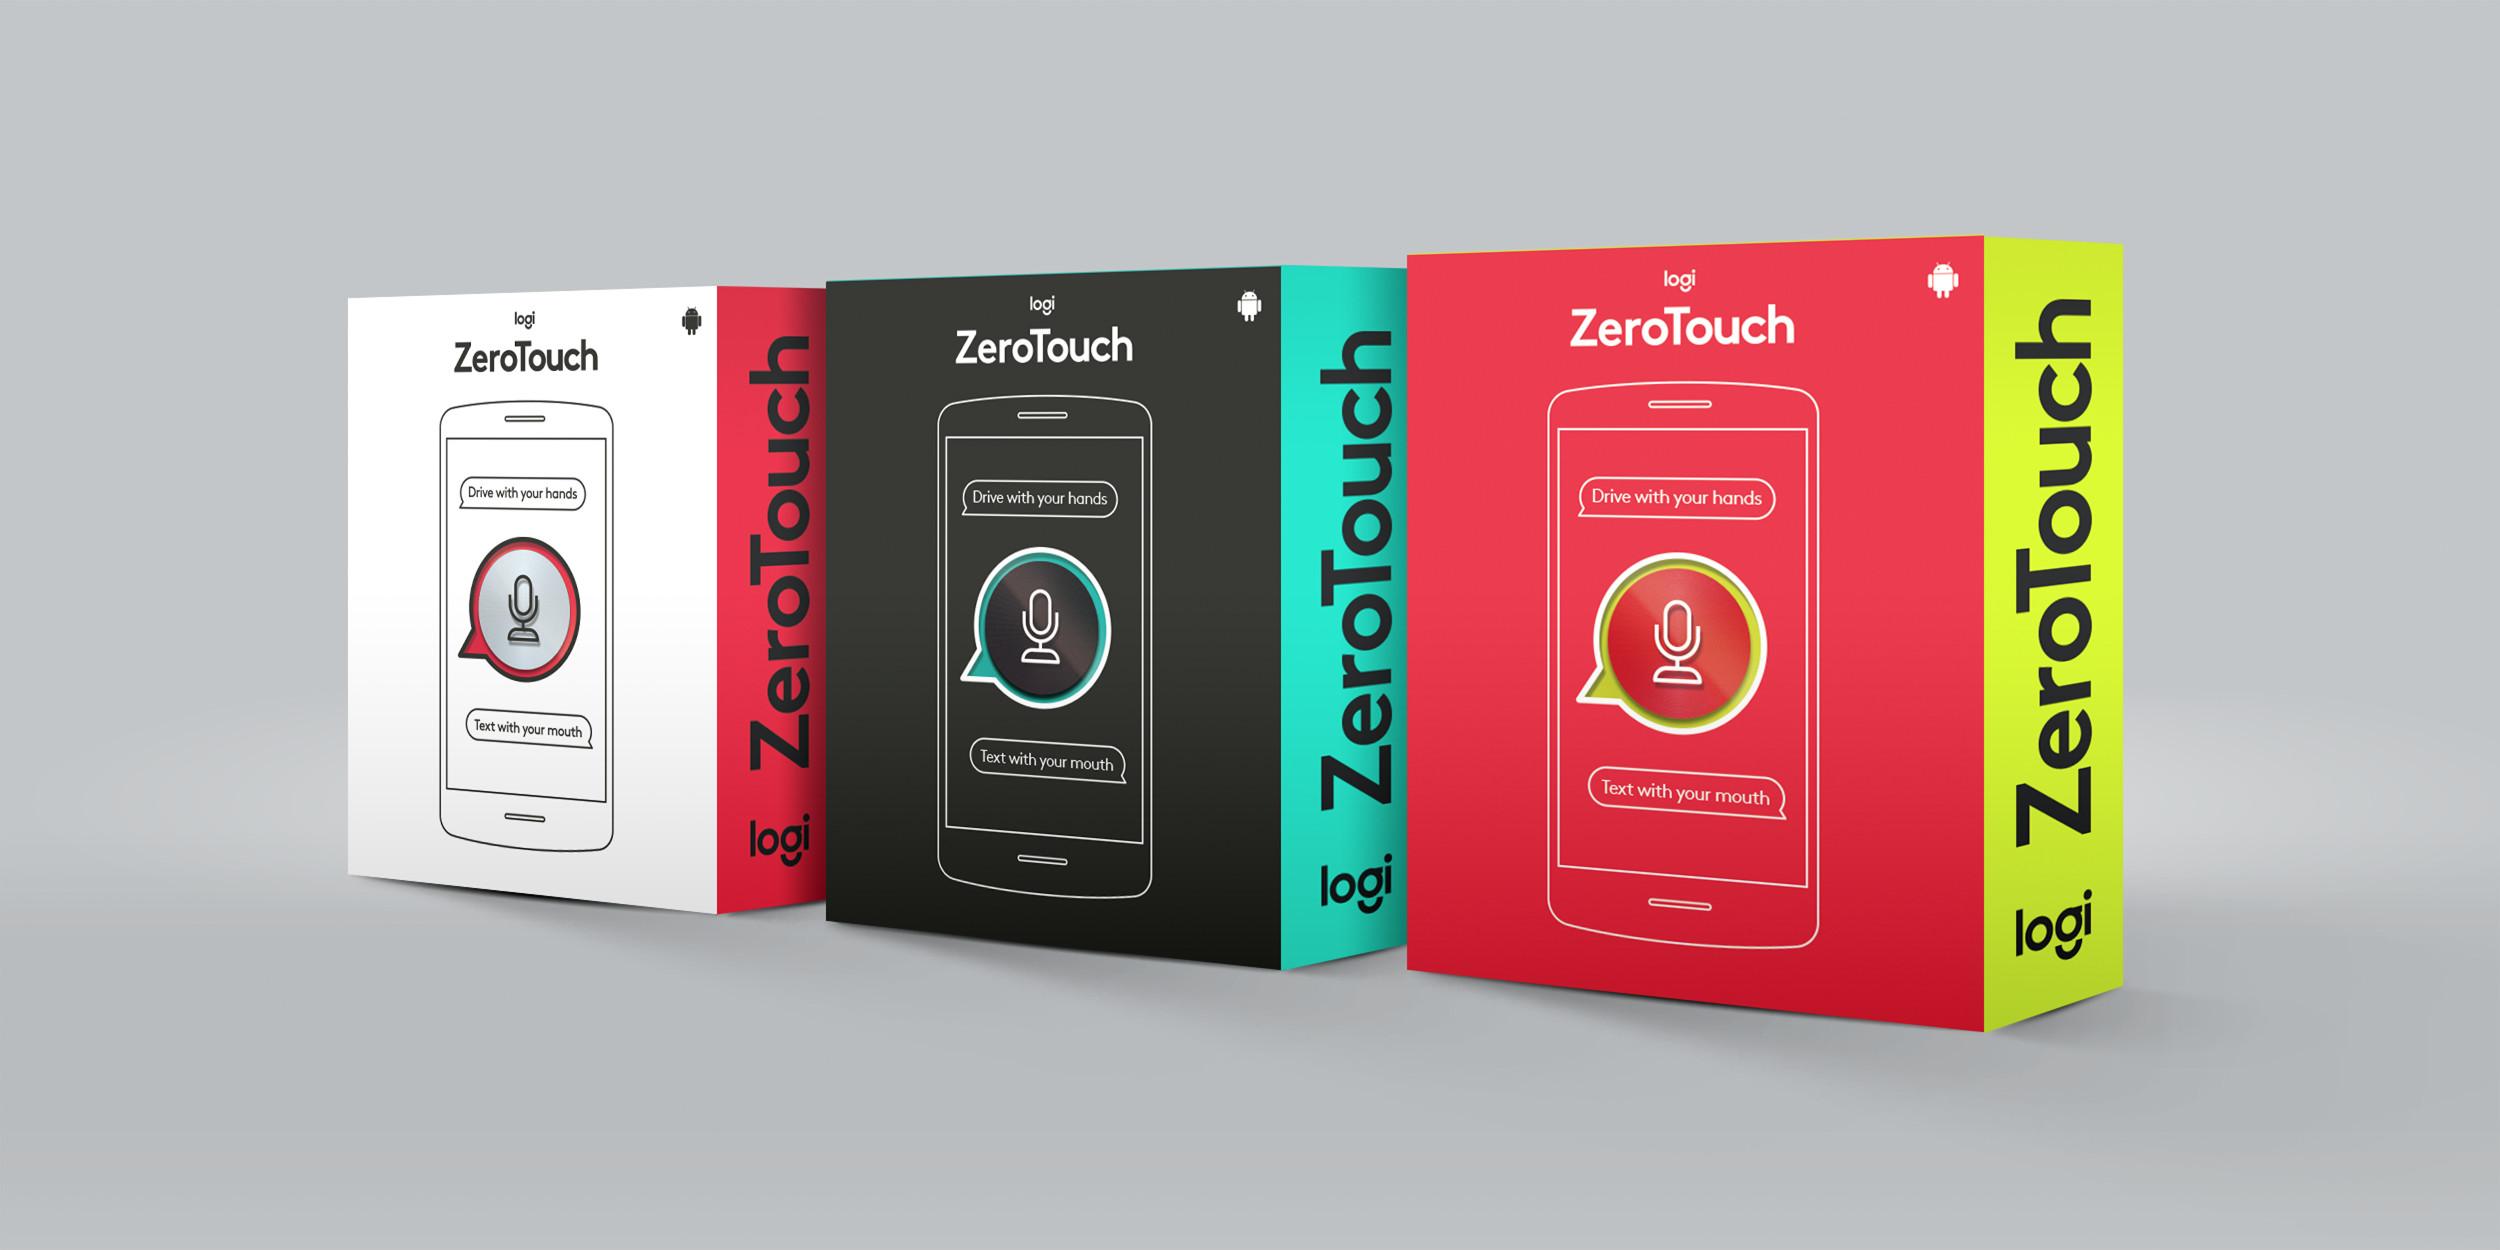 Logitech ZeroTouch: Packaging